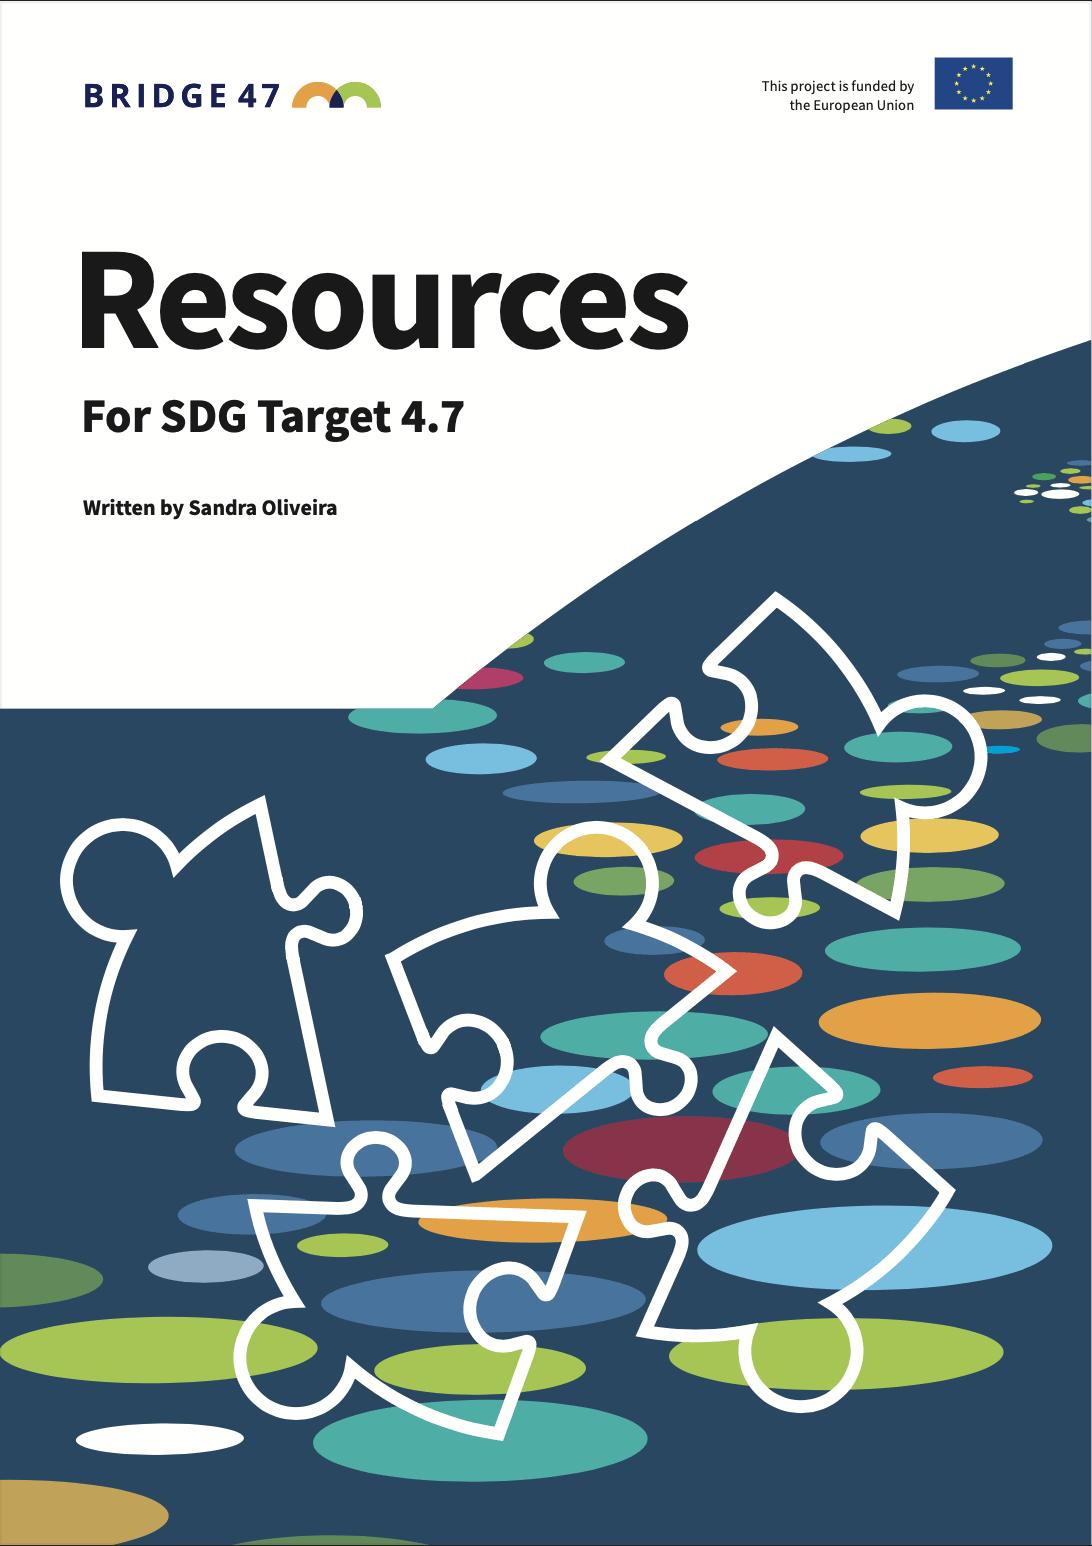 Kateri viri so potrebni za doseganje cilja 4.7 trajnostnega razvoja?